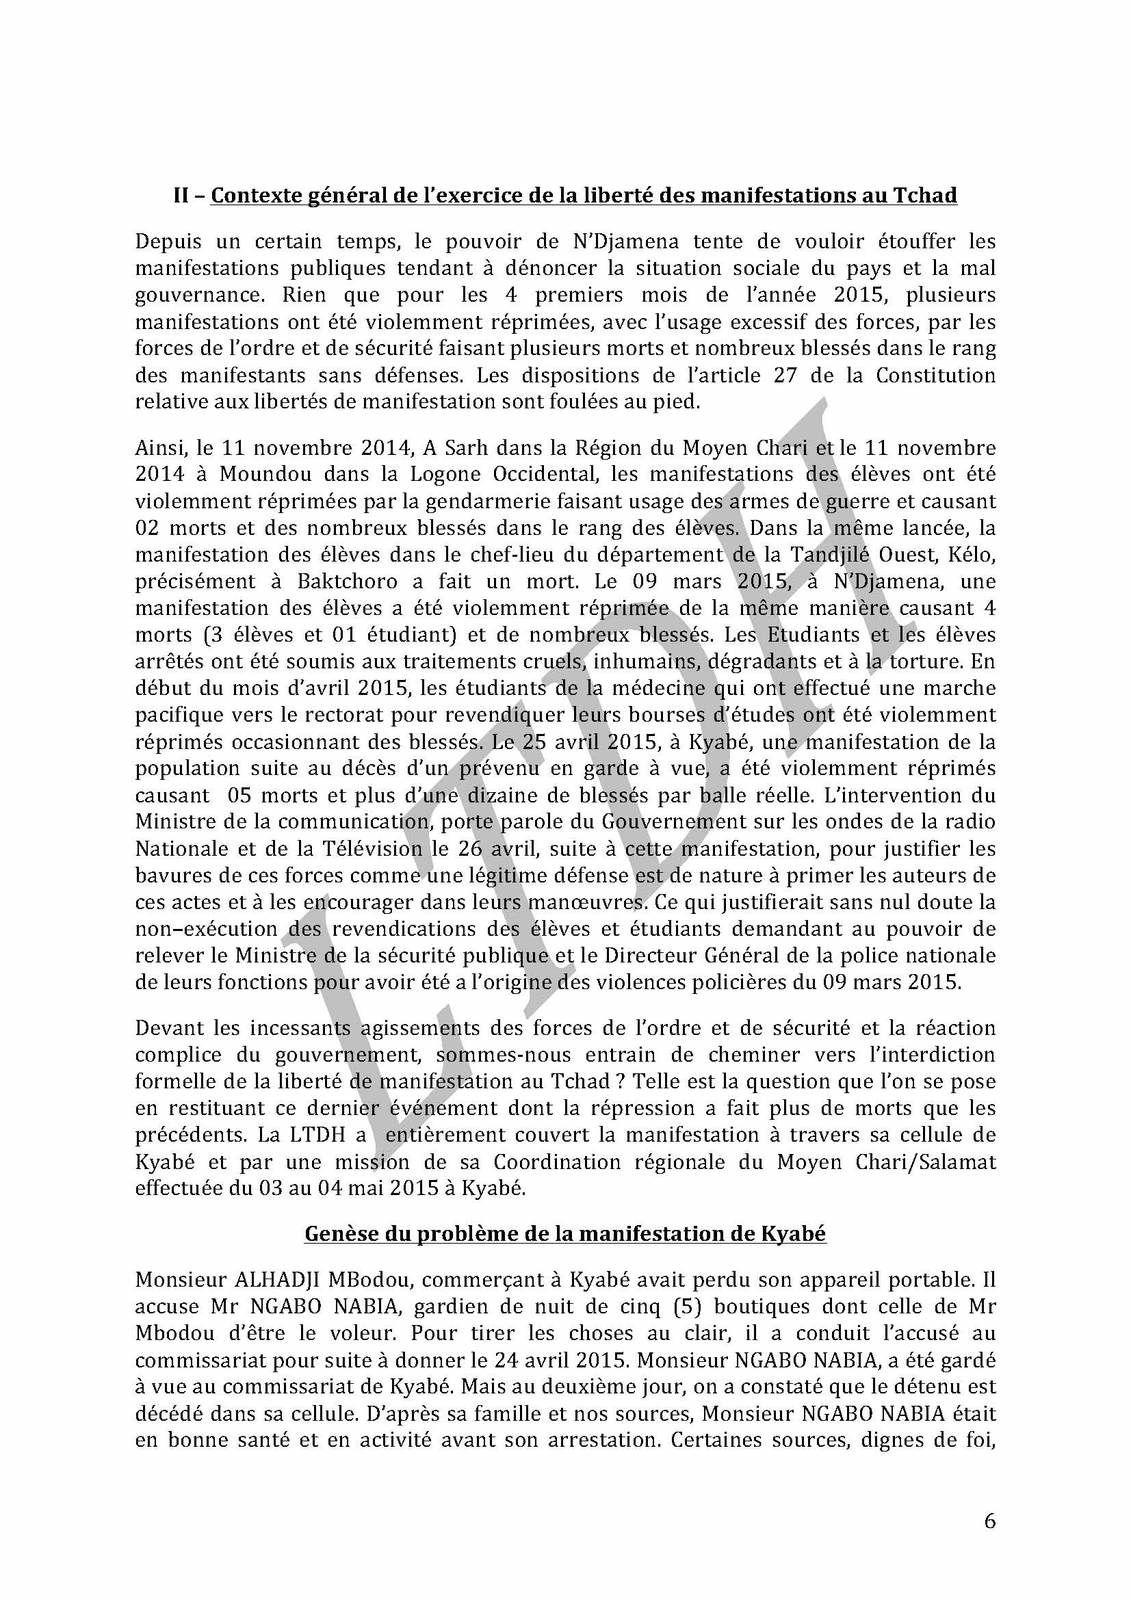 Tchad:&quot&#x3B; De la torture aux massacres&quot&#x3B;, rapport de la LTDH